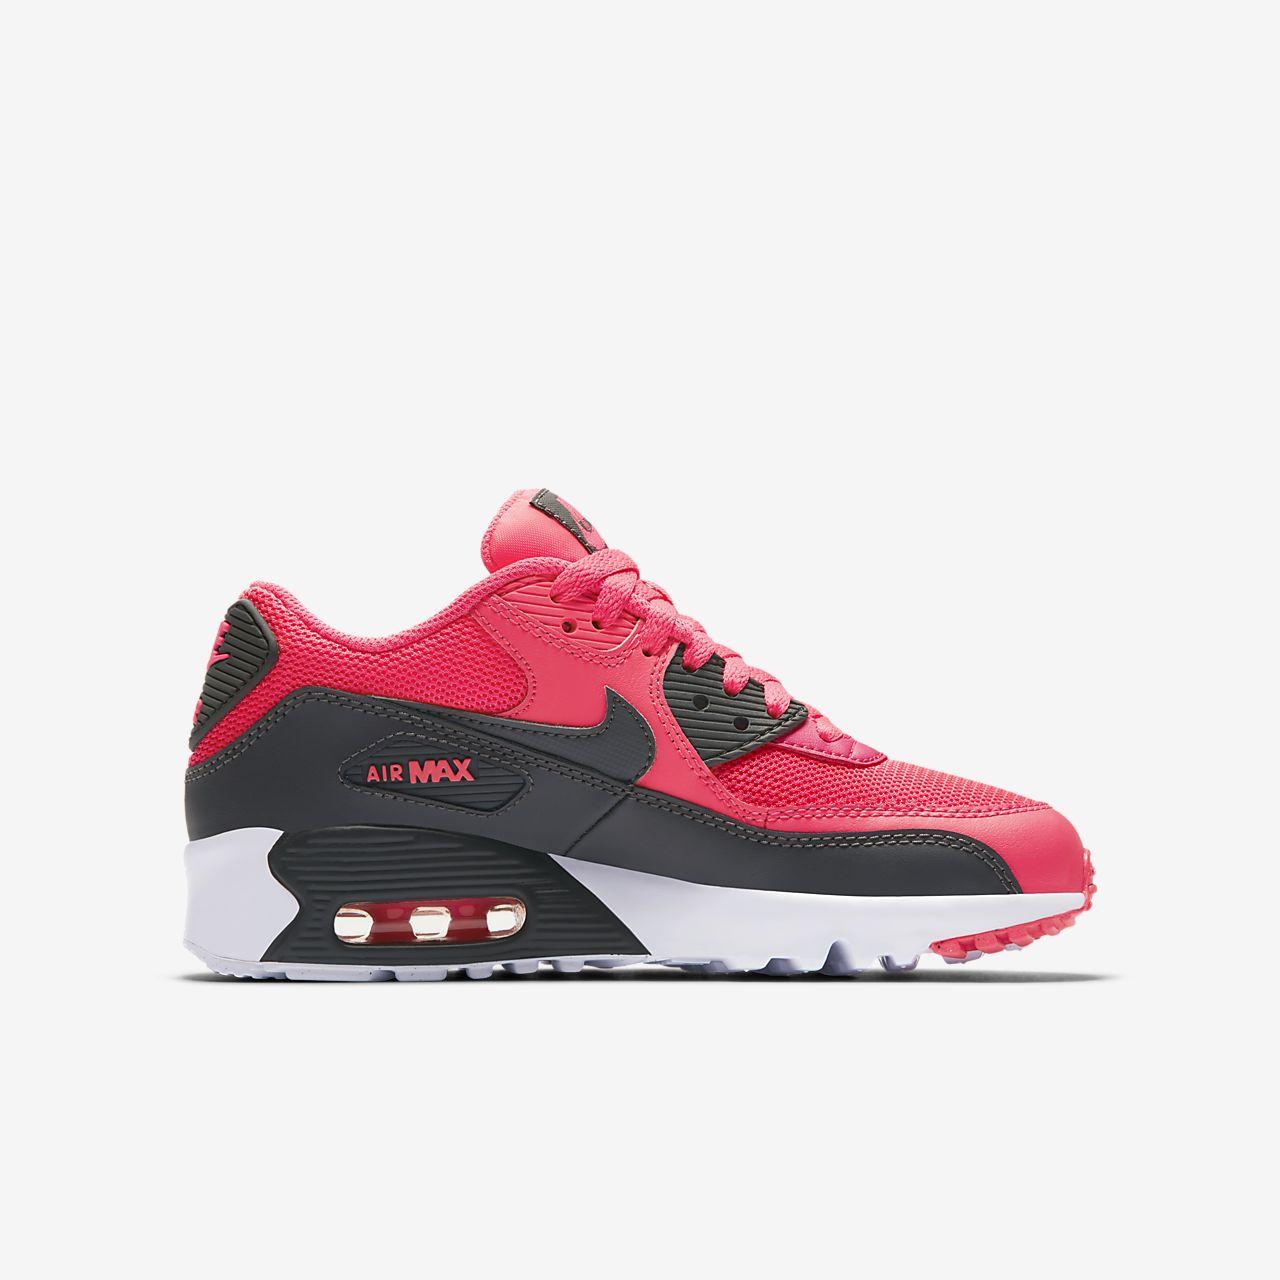 new product 7fe81 95588 ... discount sko nike air max 90 mesh för ungdom storlek 35540 c4f85 6ddb9